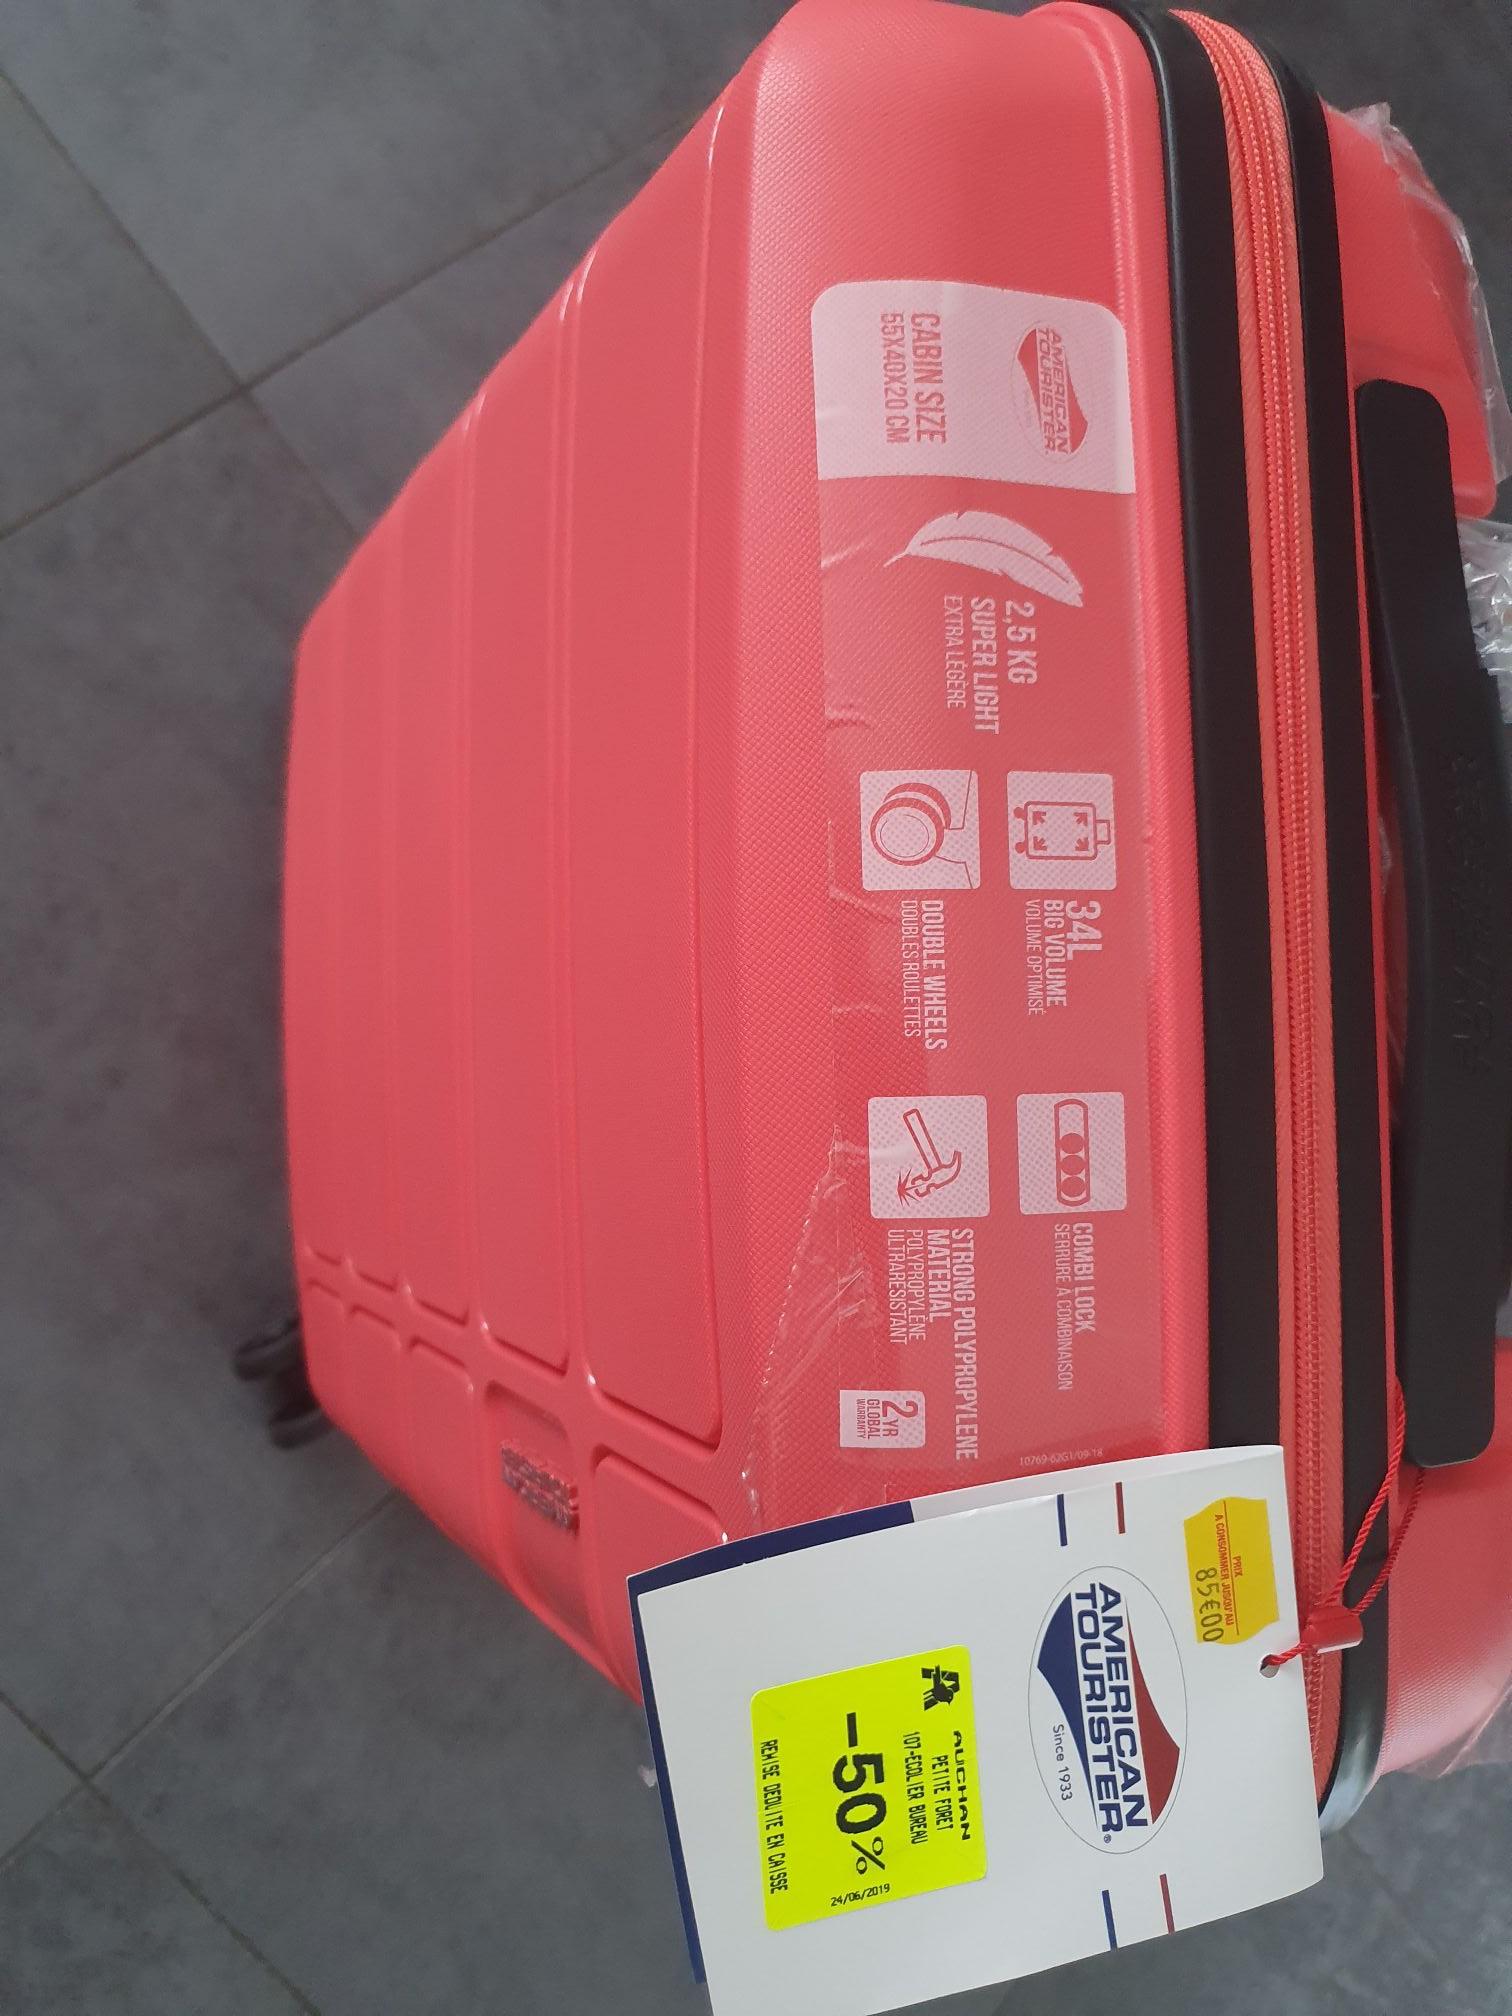 Sélection de valises American Tourister à 50% de réduction - Ex : Valise 55x40x20 cm (Auchan Petite-Forêt 59)